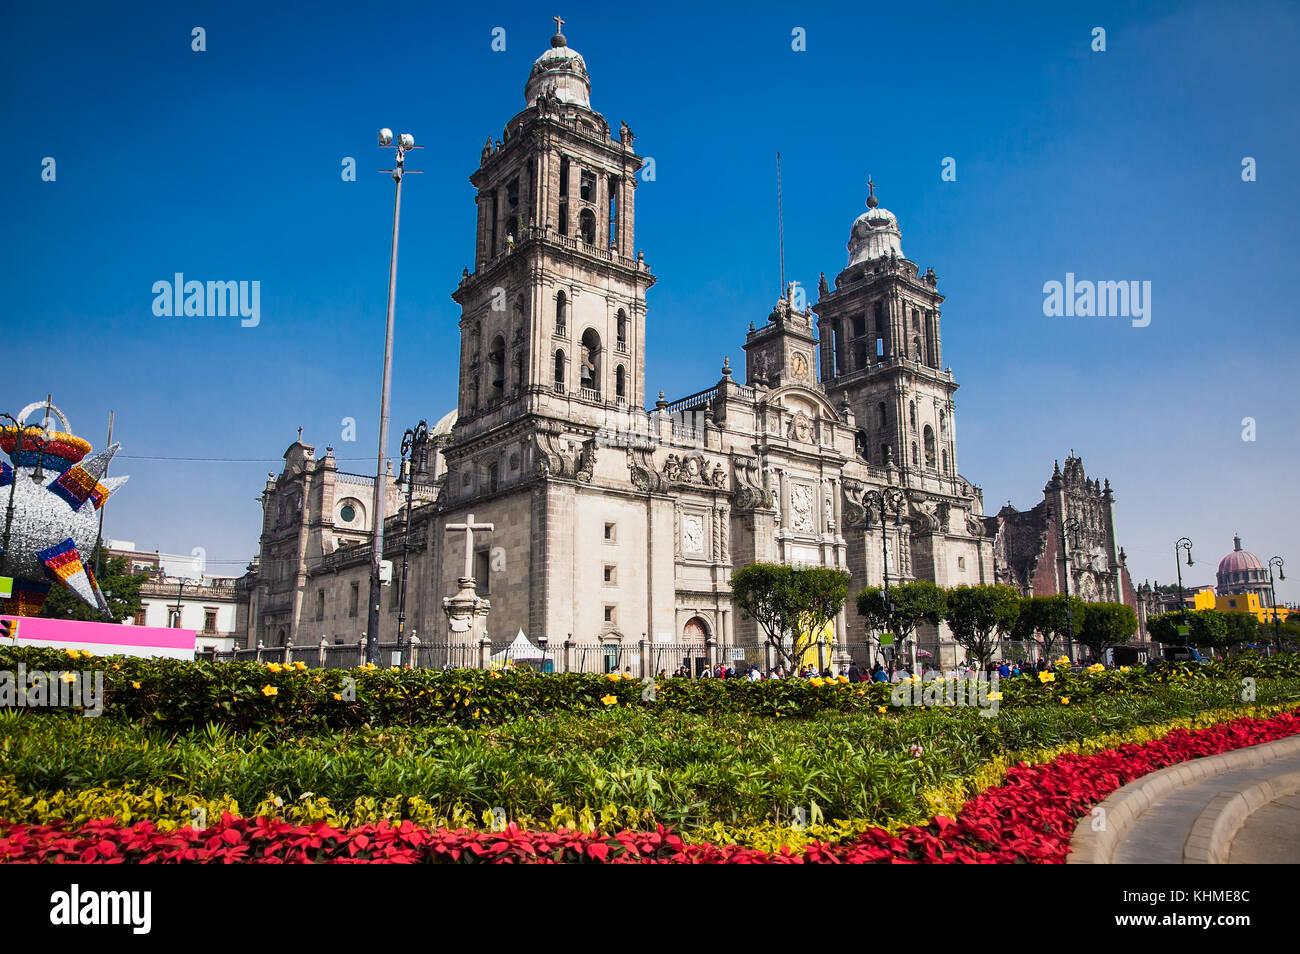 Zocalo mexico city flag cathedral stock photos zocalo - Zocalo exterior ...